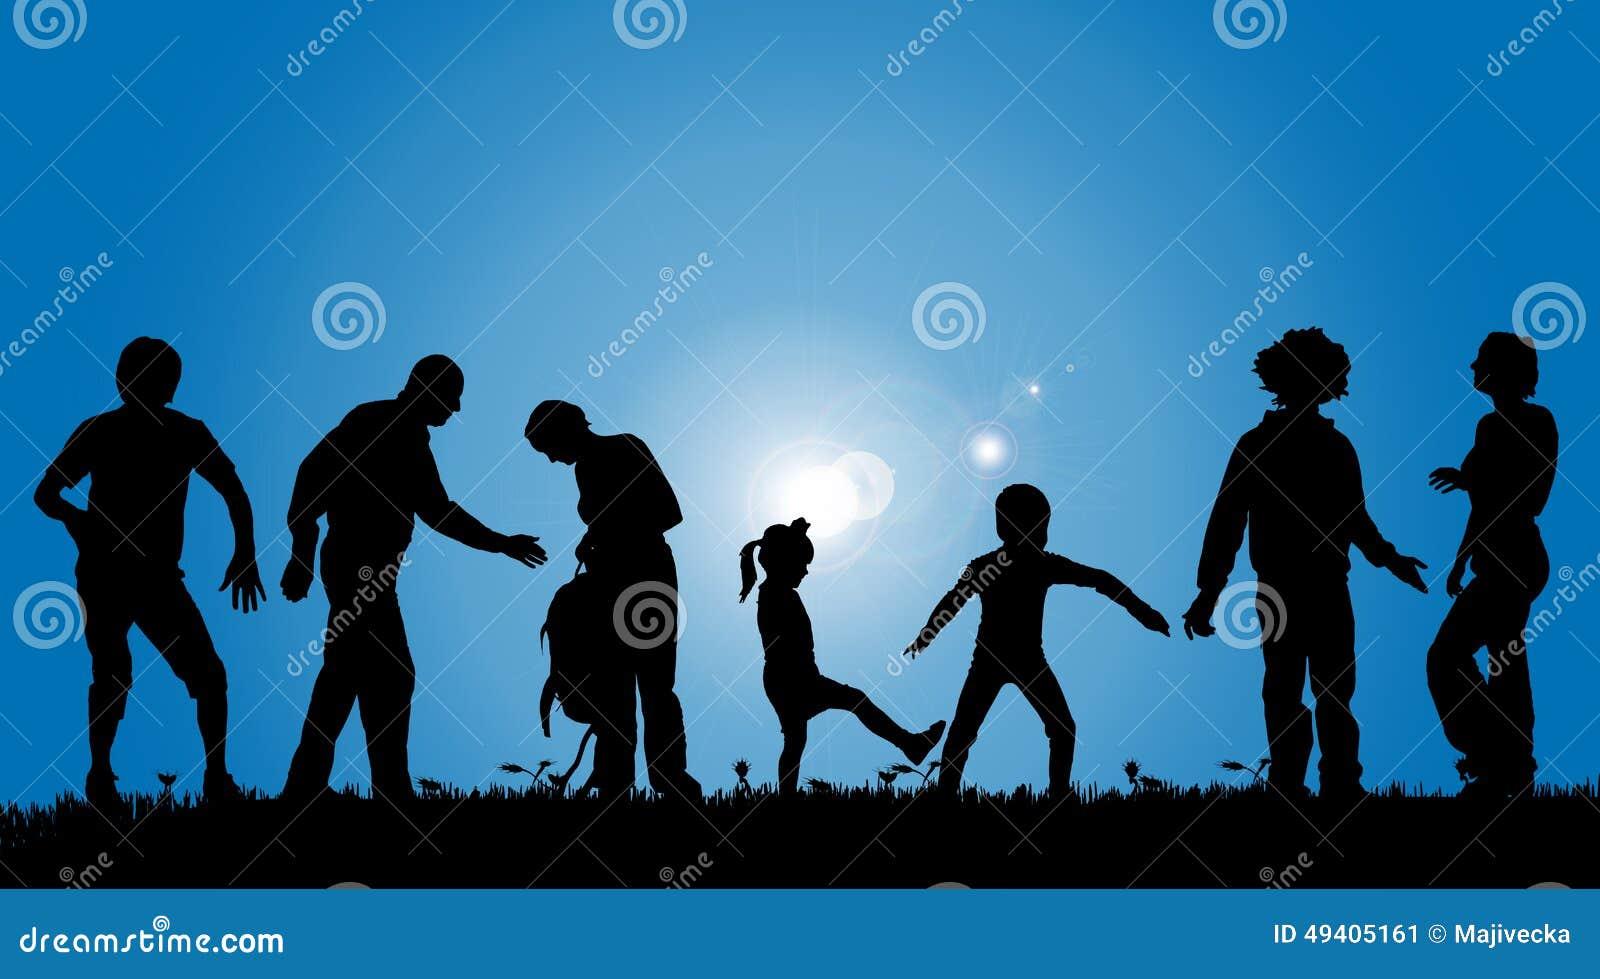 Download Vektorschattenbilder Von Leuten Vektor Abbildung - Illustration von familie, bewegung: 49405161